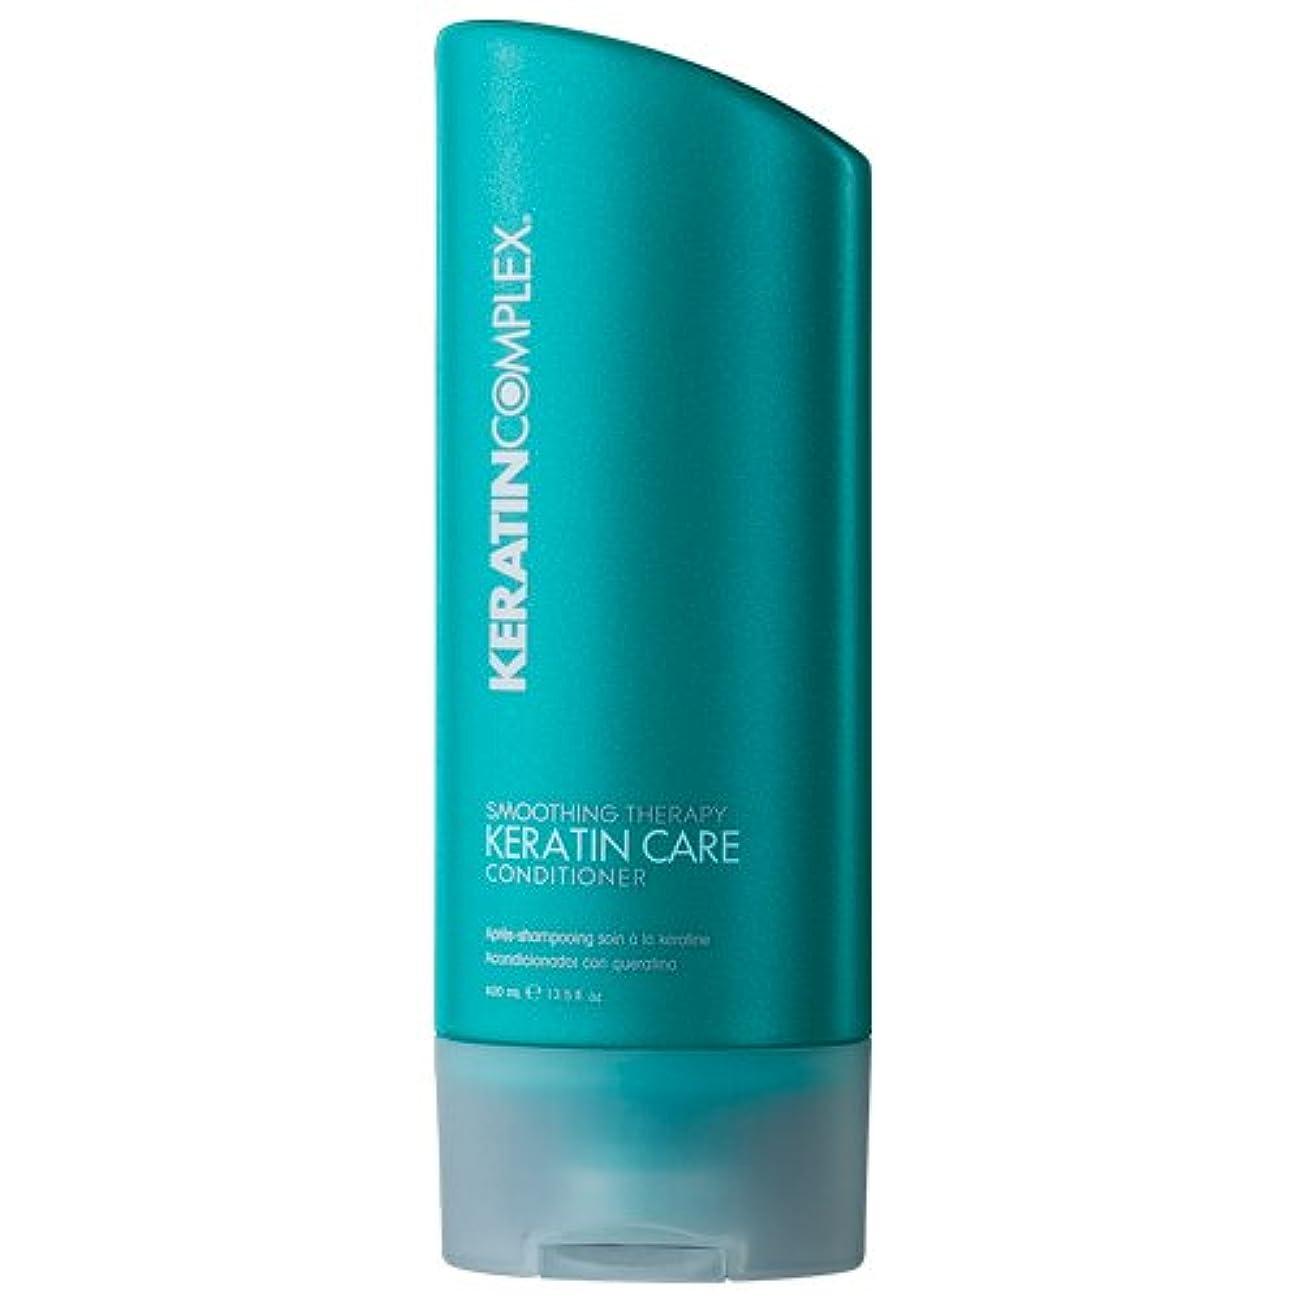 振る舞い標準リースSmoothing Therapy Keratin Care Conditioner (For All Hair Types) - 400ml/13.5oz